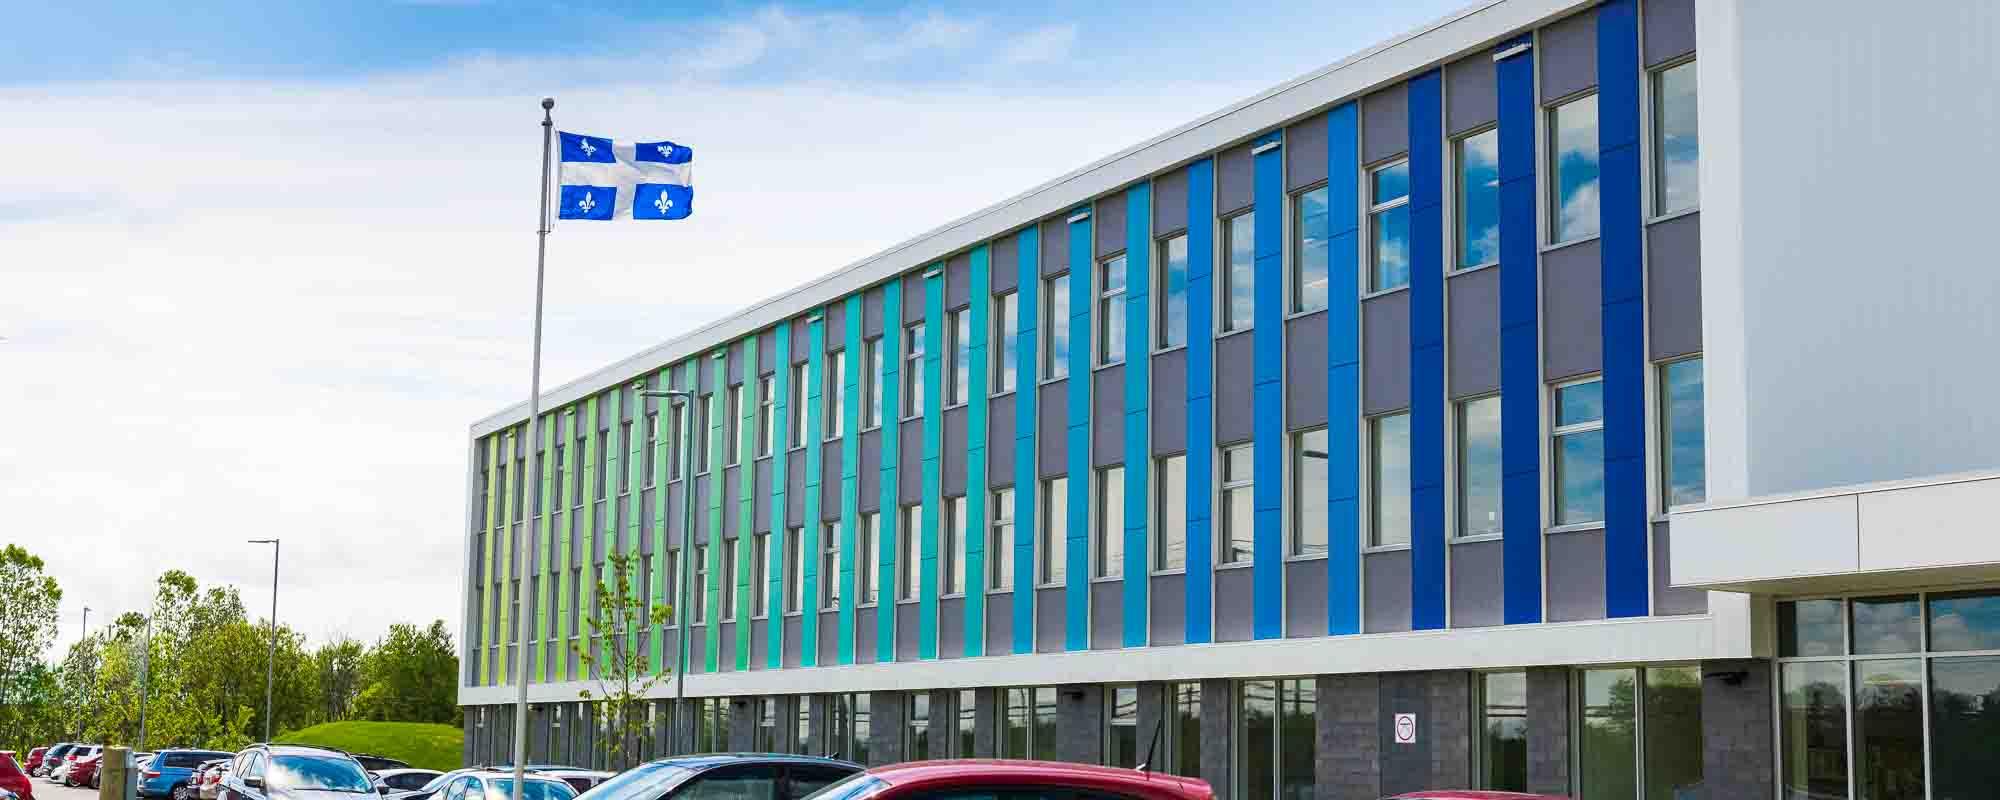 La façade colorée de l'école des Couleurs-du-Savoir ne doit pas être étrangère au choix de son nom.